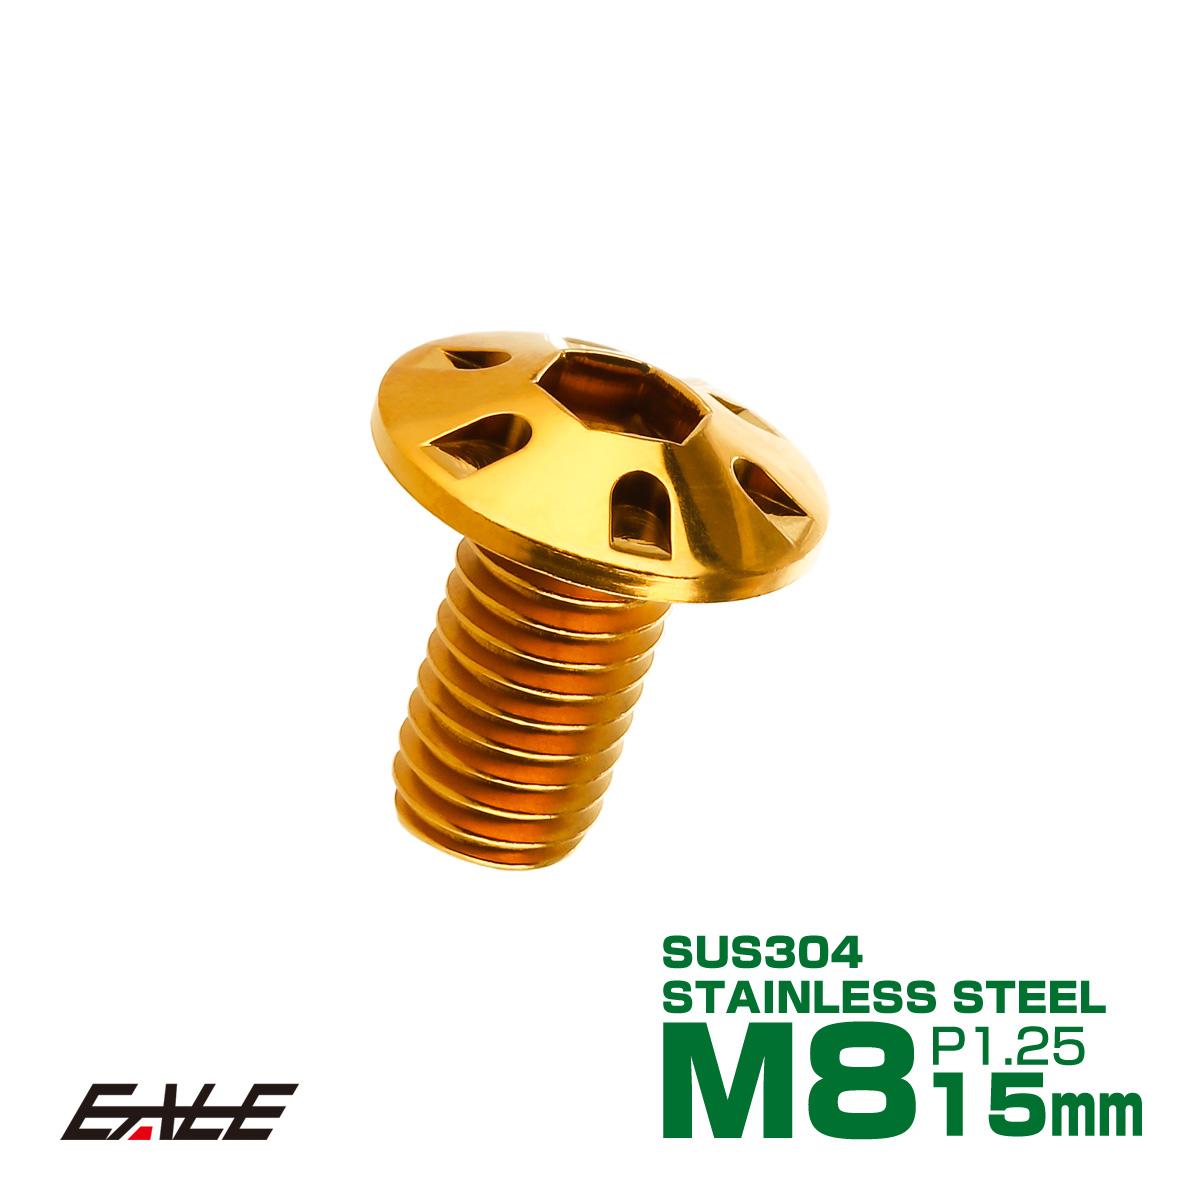 【ネコポス可】 SUSステンレス製 M8×15mm P1.25 ブレーキ ディスク ローター ボルト デザインヘッド ヤマハ車用 ゴールド TD0129